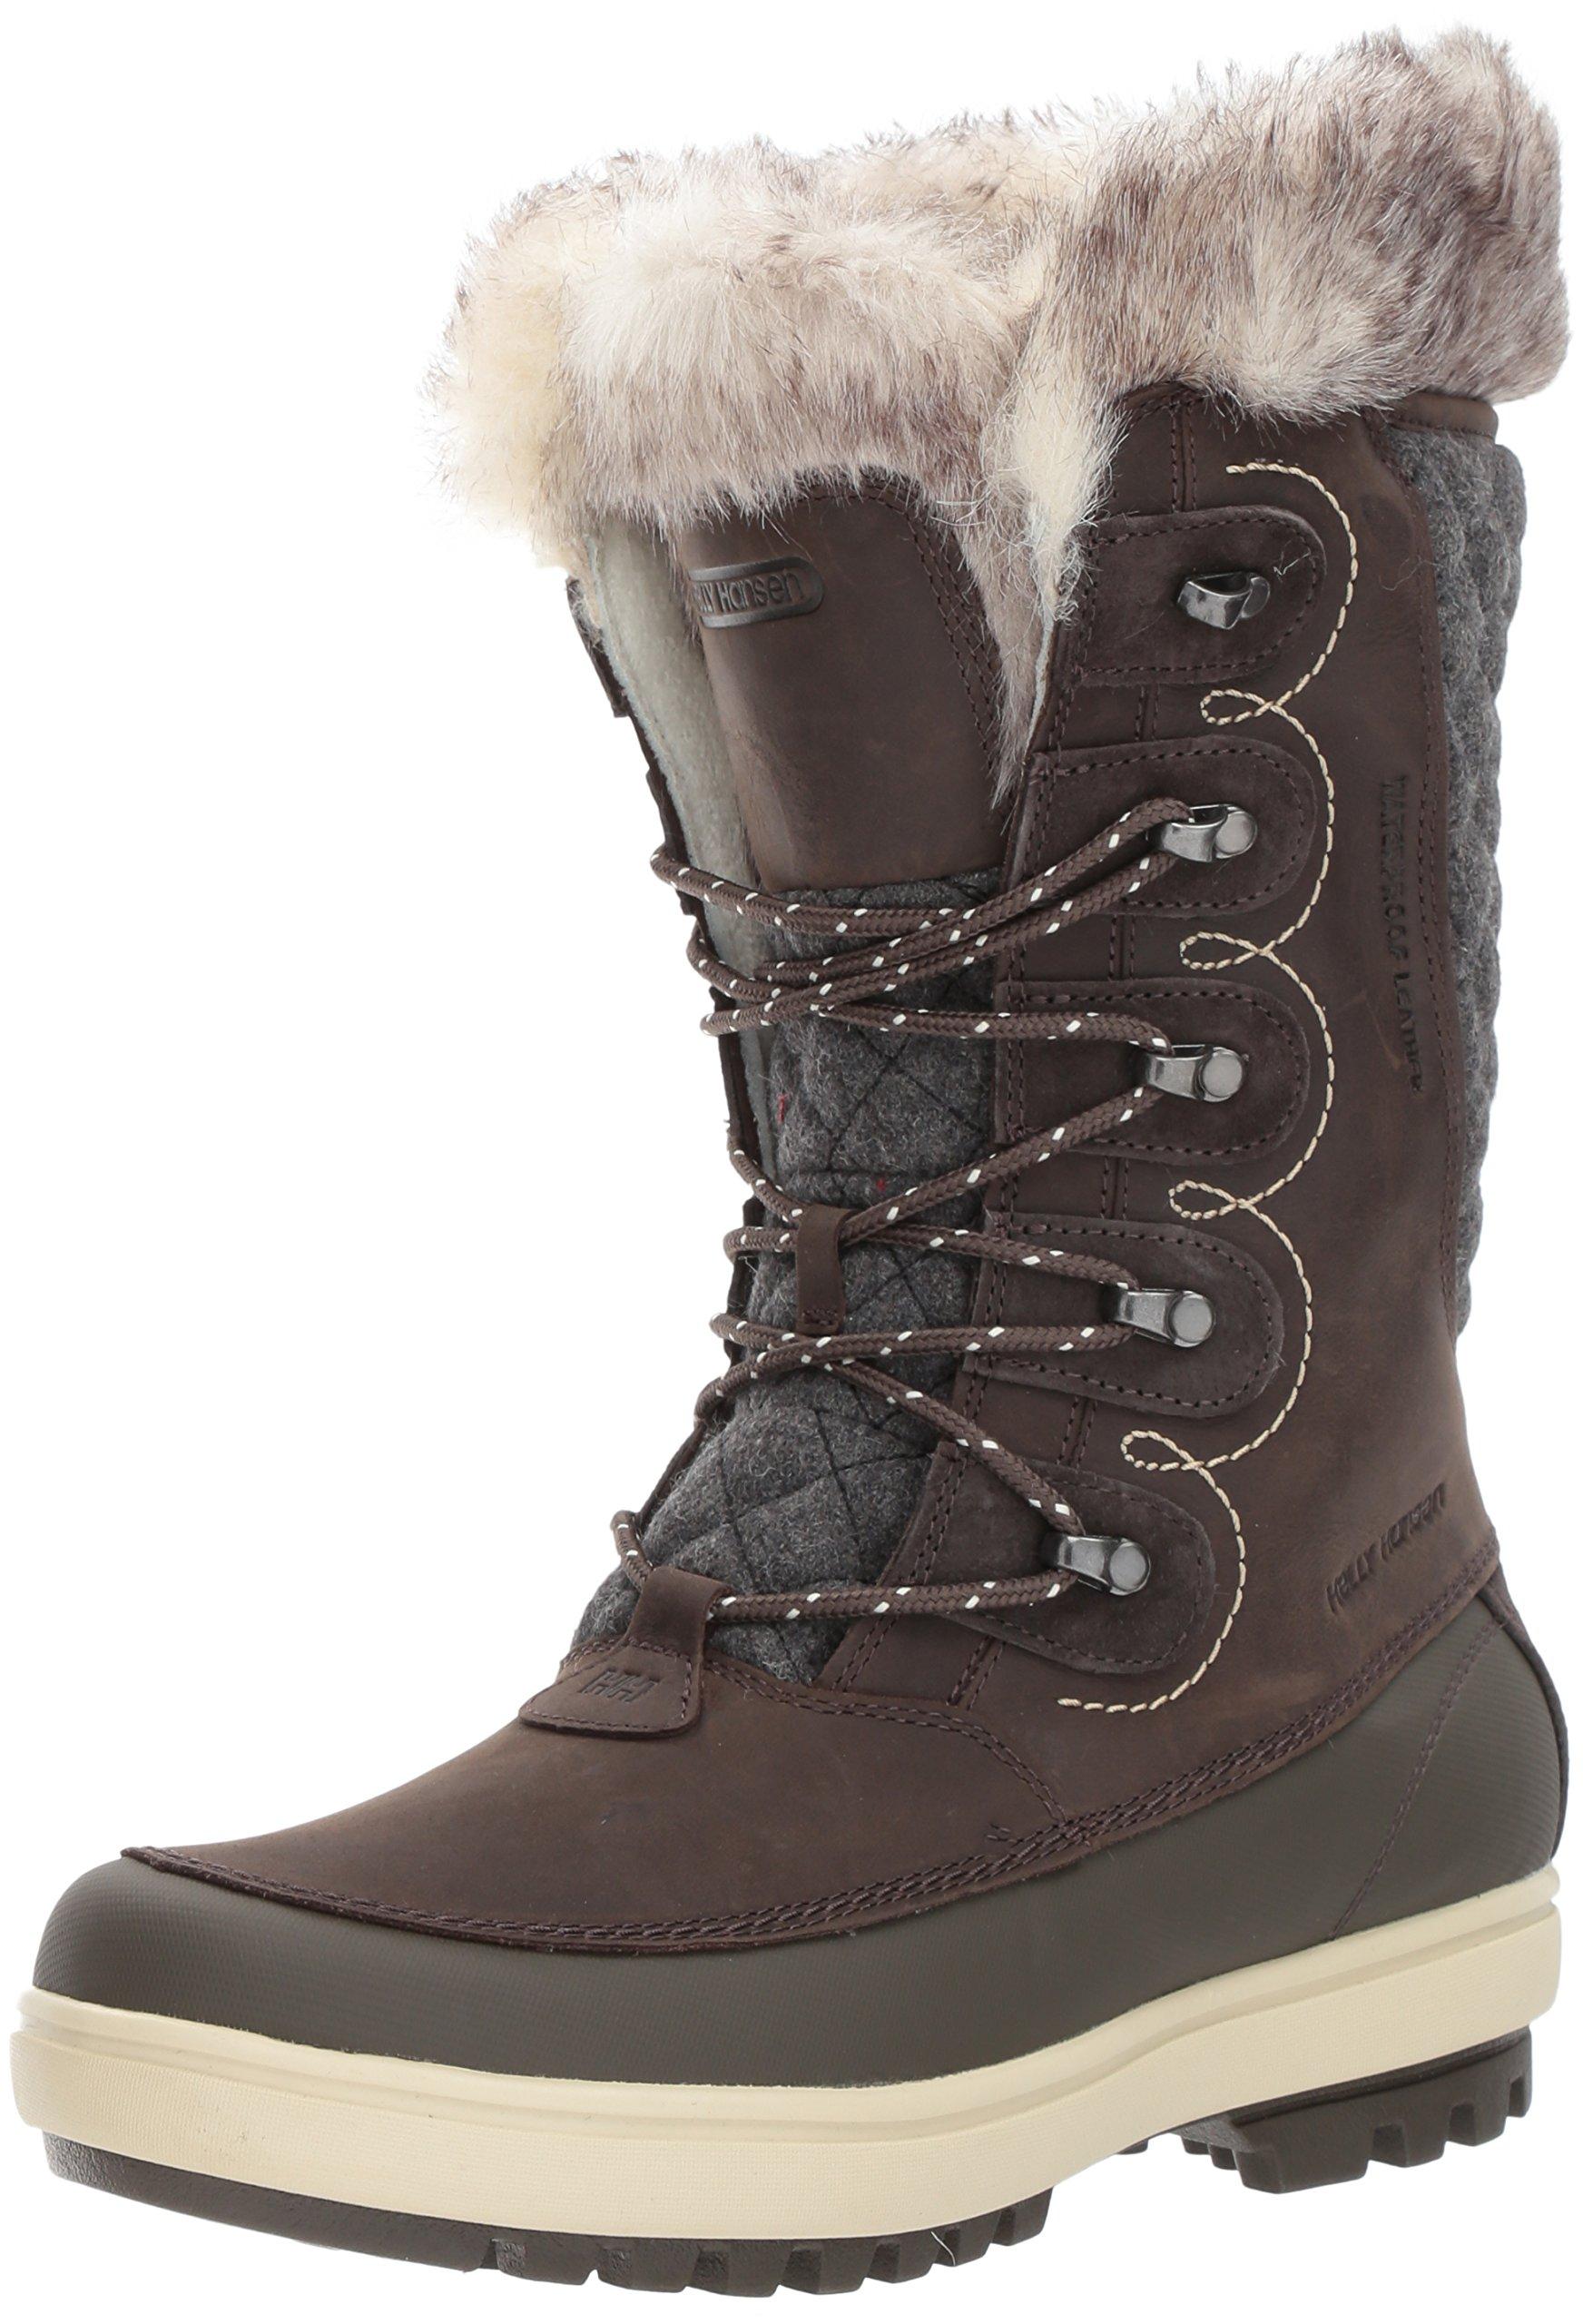 Helly Hansen Women's Garibaldi VL Lux Snow Boot, Coffee Bean/Espresso/Natural, 10 M US